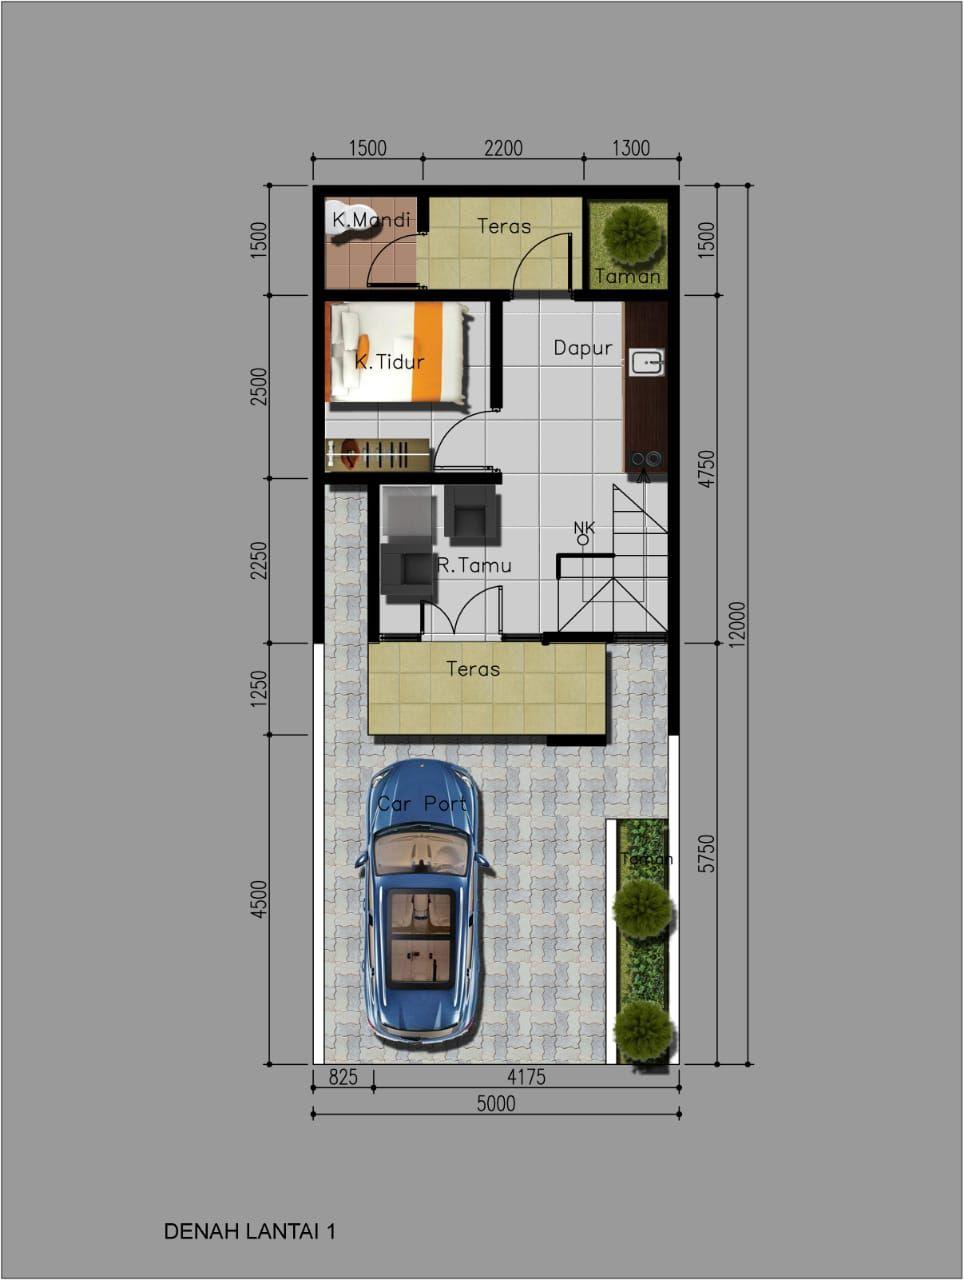 Tipe Rumah Alexandrite - denah lt 1